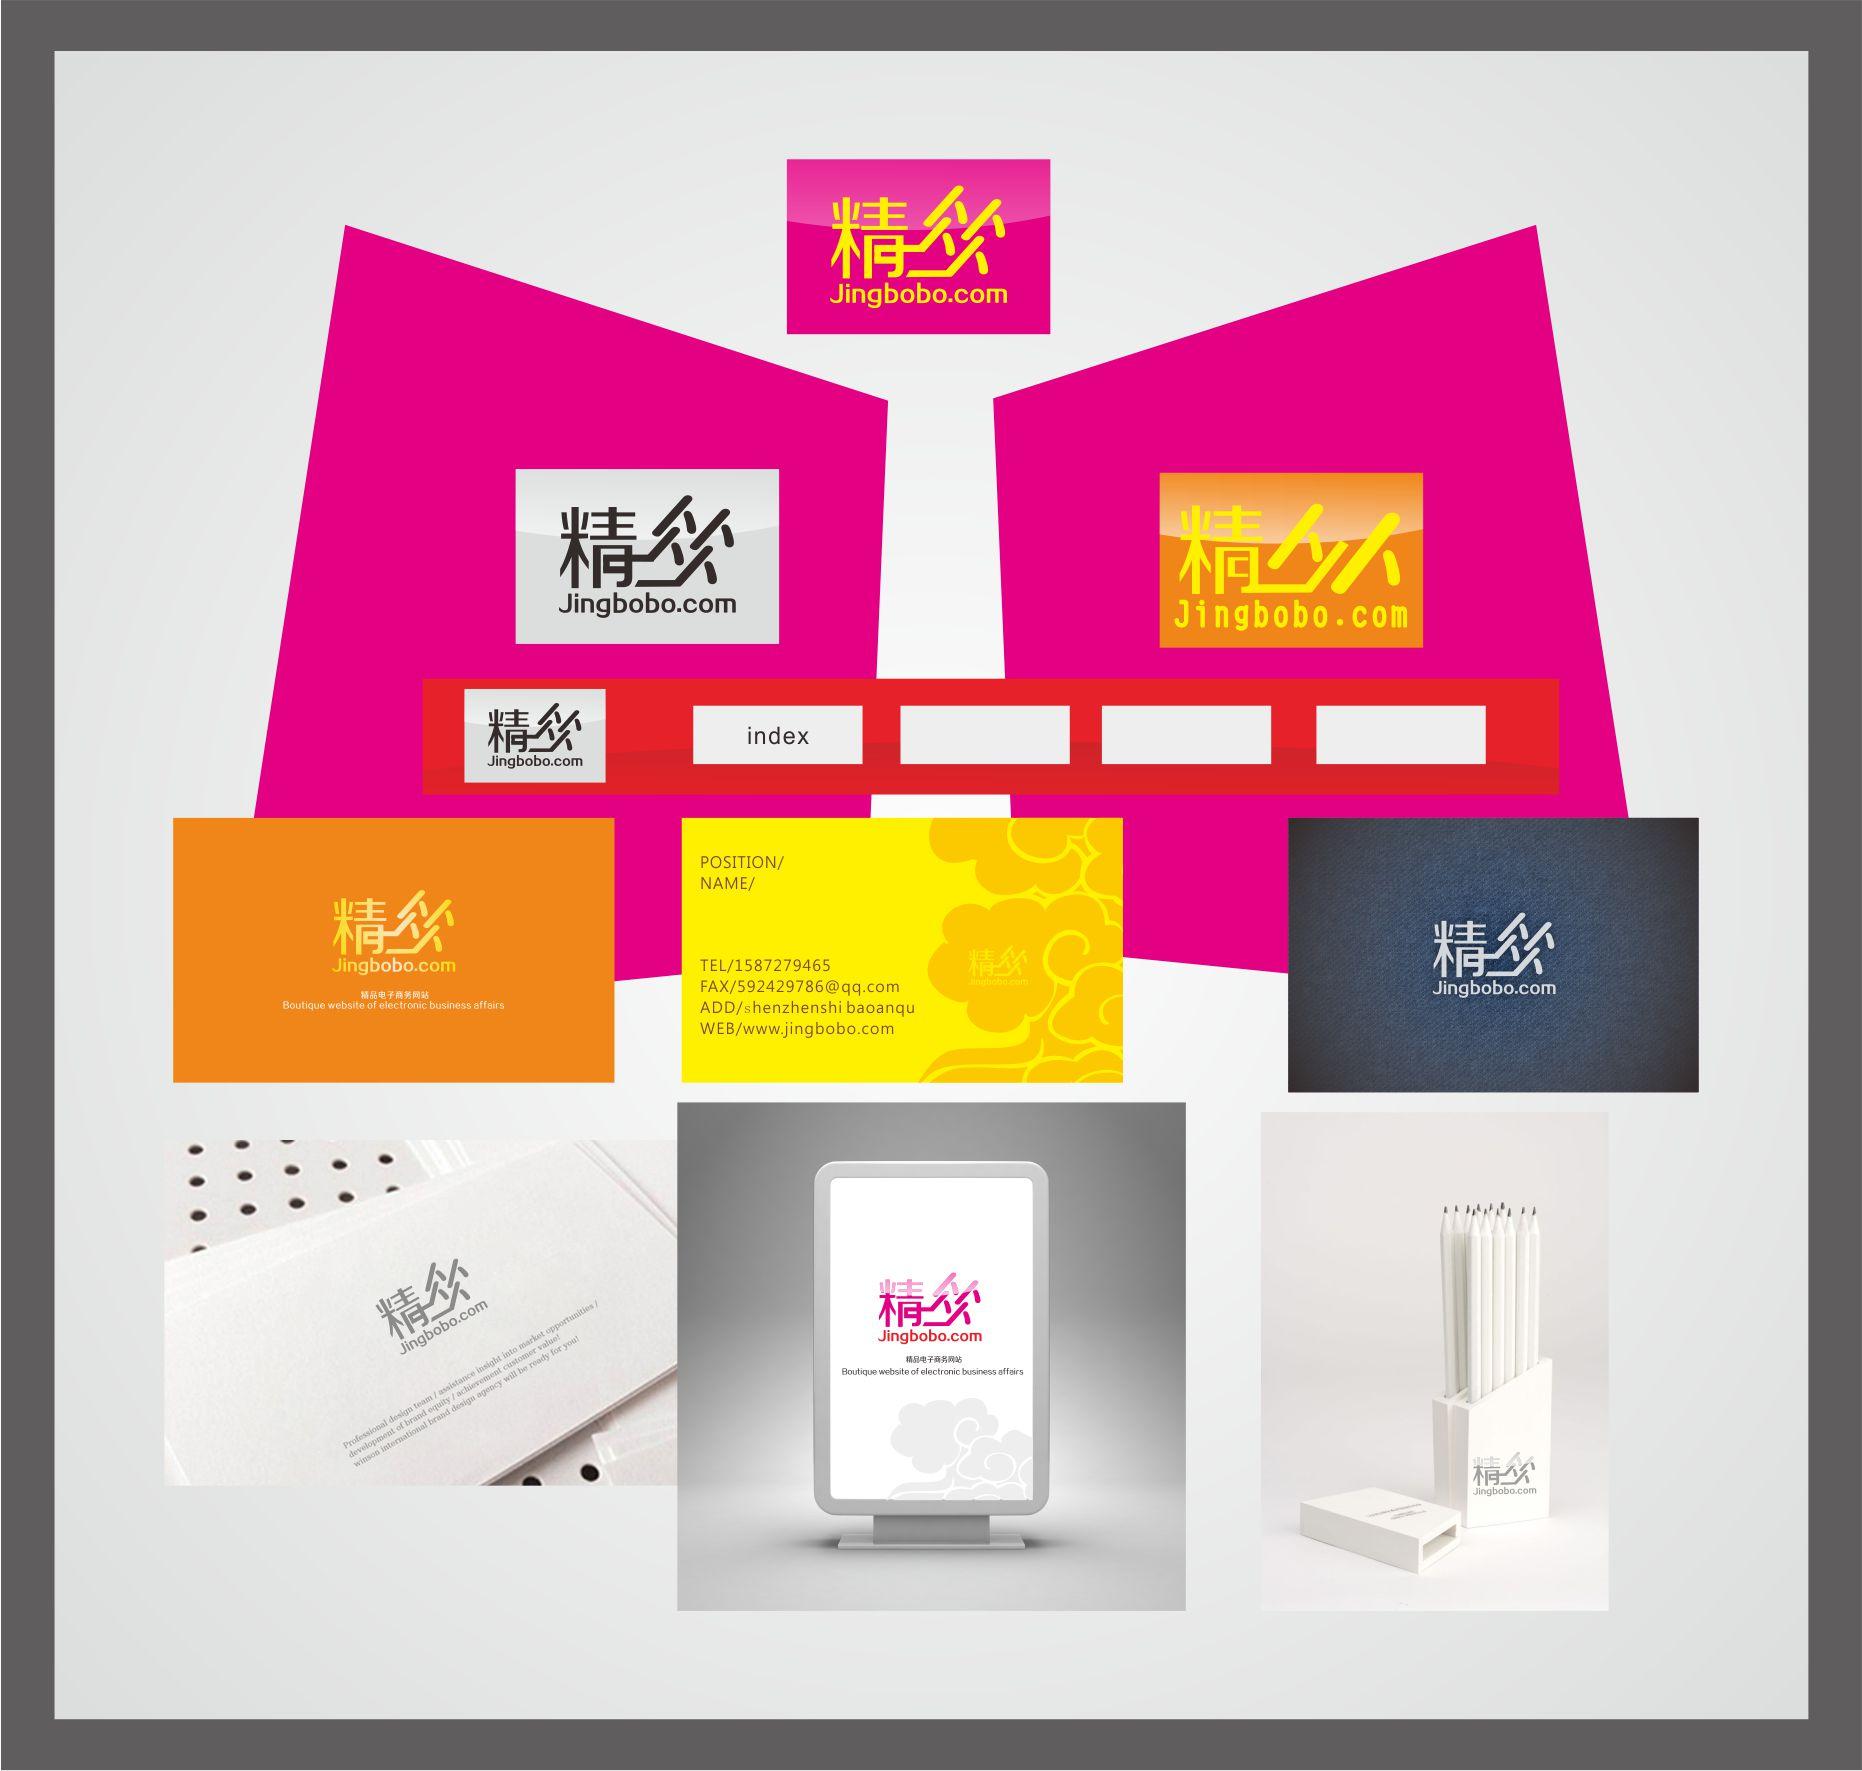 电商网站logo及名片设计